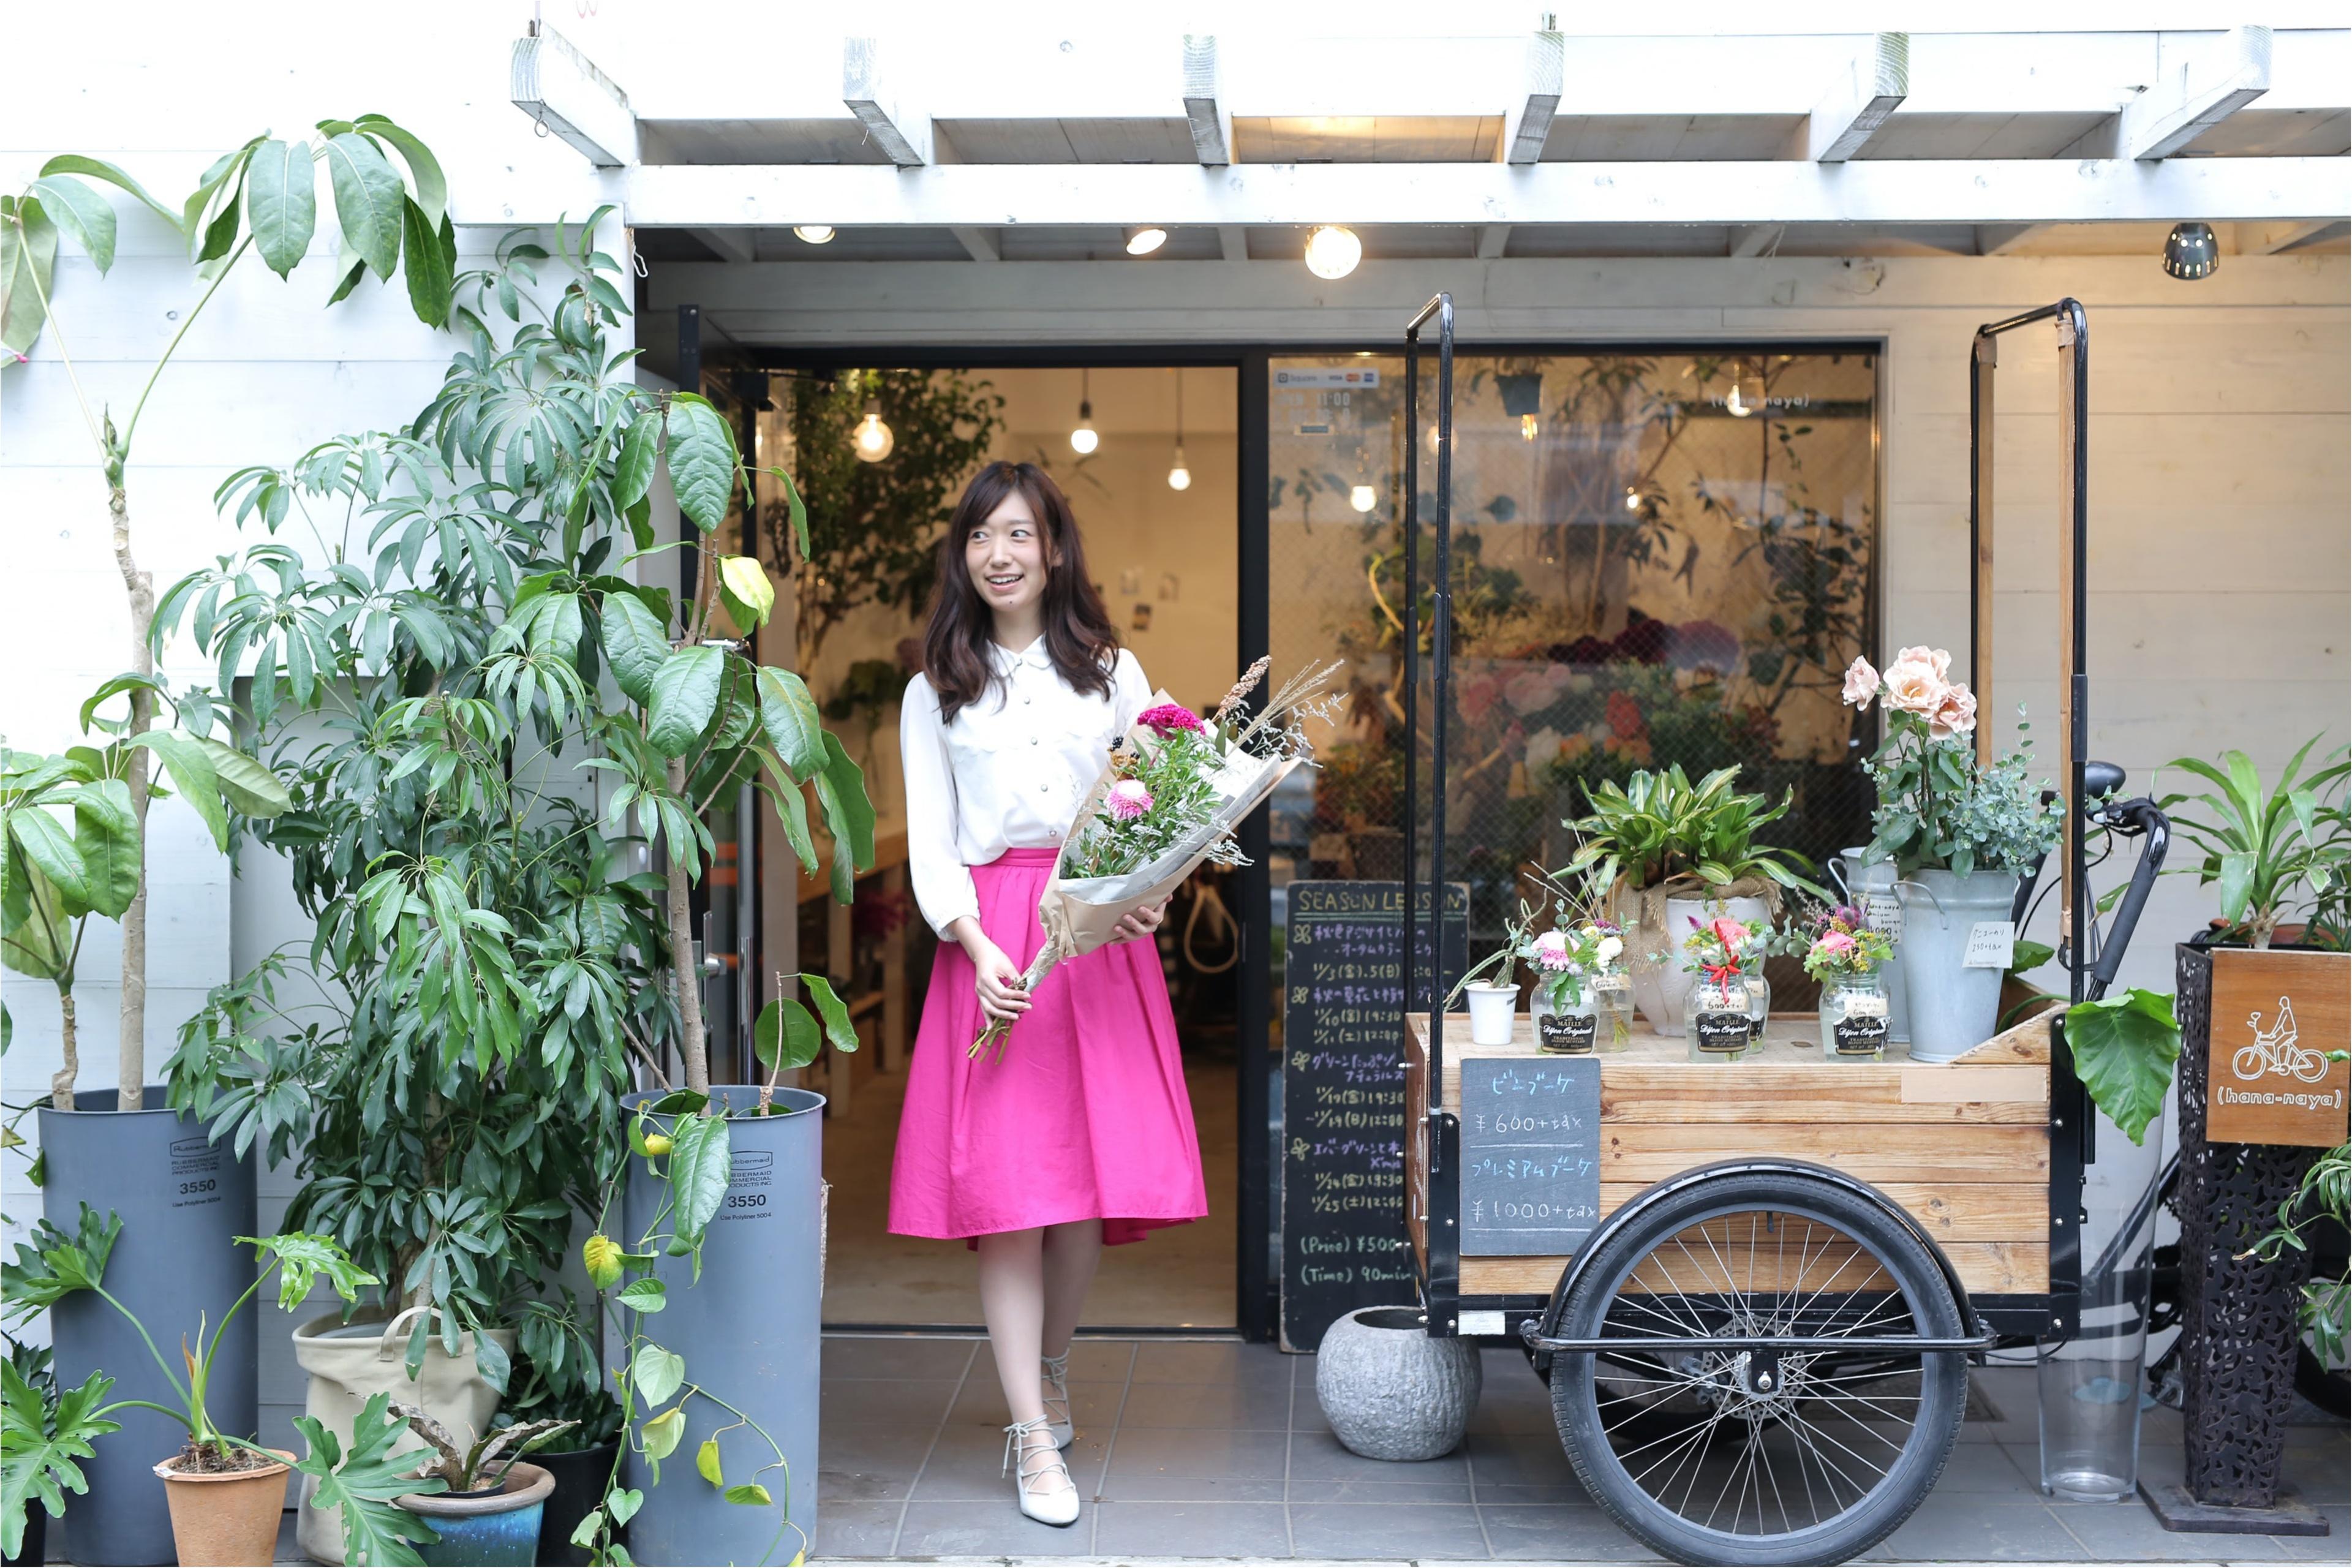 【今日のコーデ】晴れた日のお散歩コーデは色鮮やかなスカート≪NATURAL BEAUTY BASIC≫を♡_1